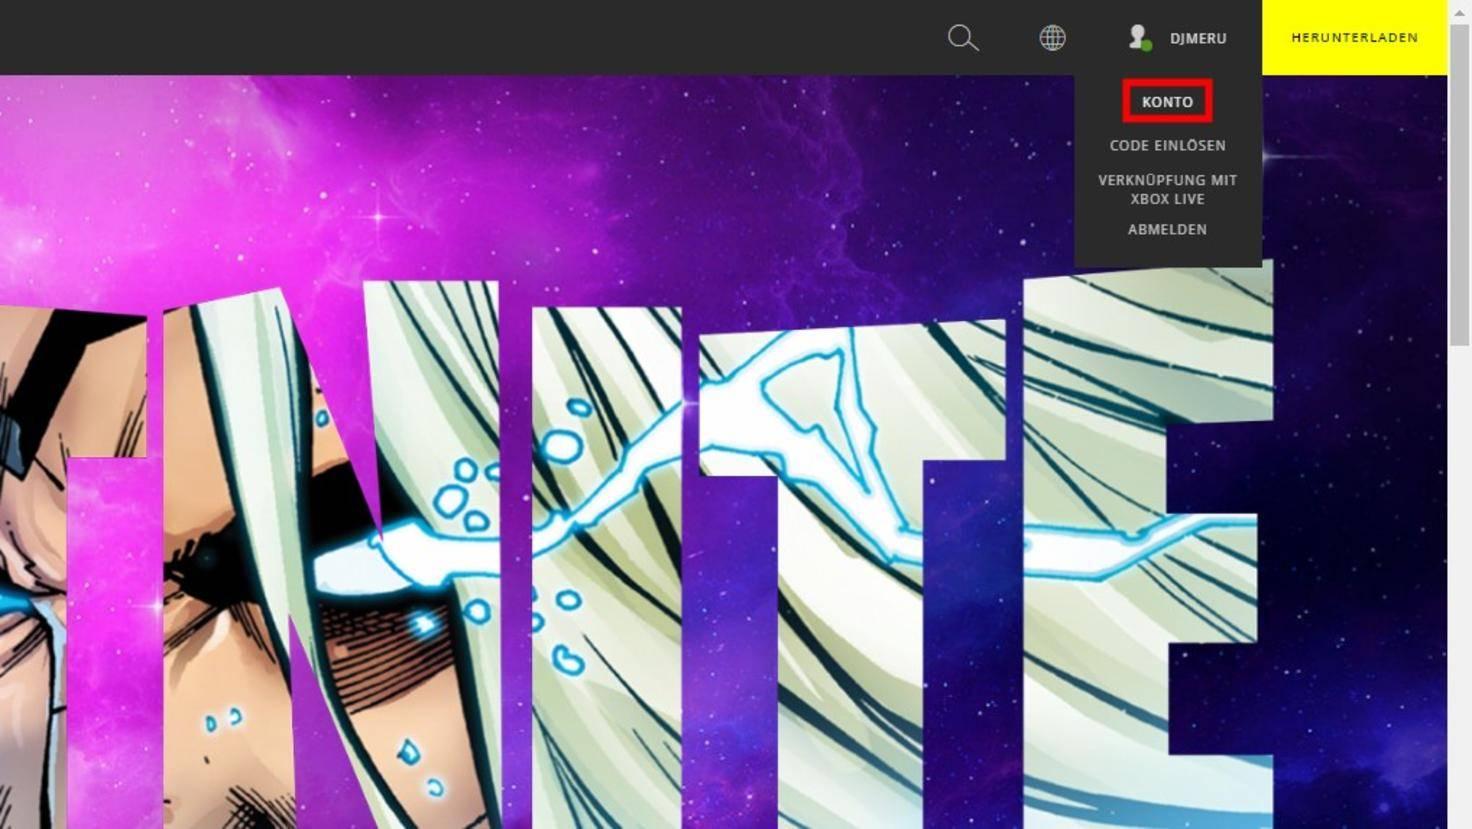 fortnite-abmelden-screenshot